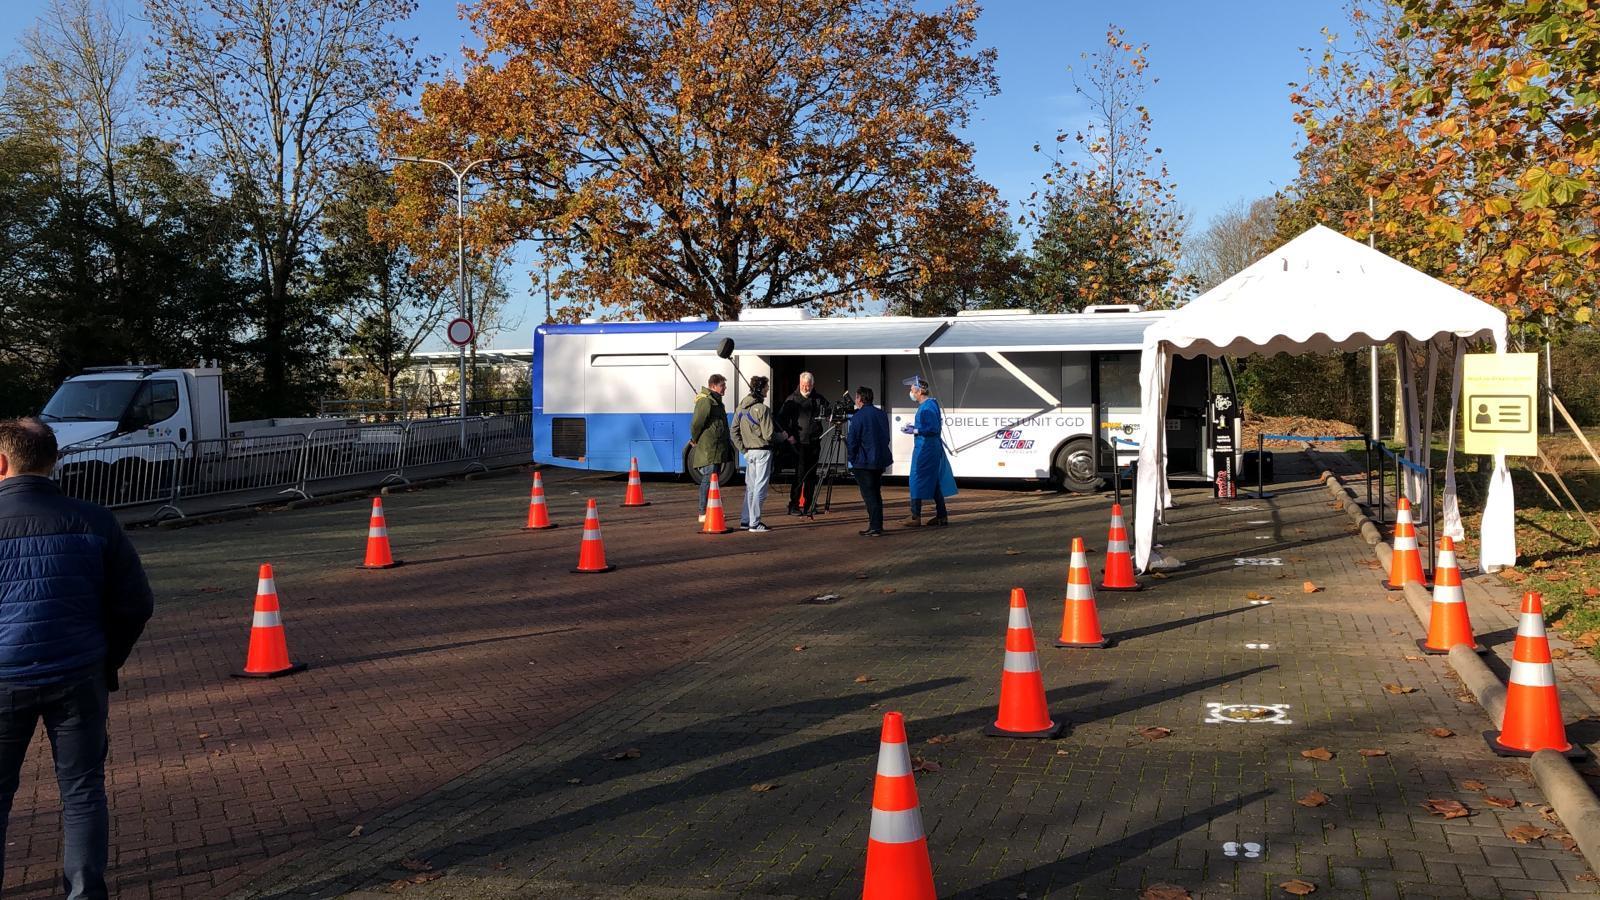 GGD zet reizende testlocaties in. Hillegom heeft de primeur met testunit voor corona in omgebouwde stadsbus